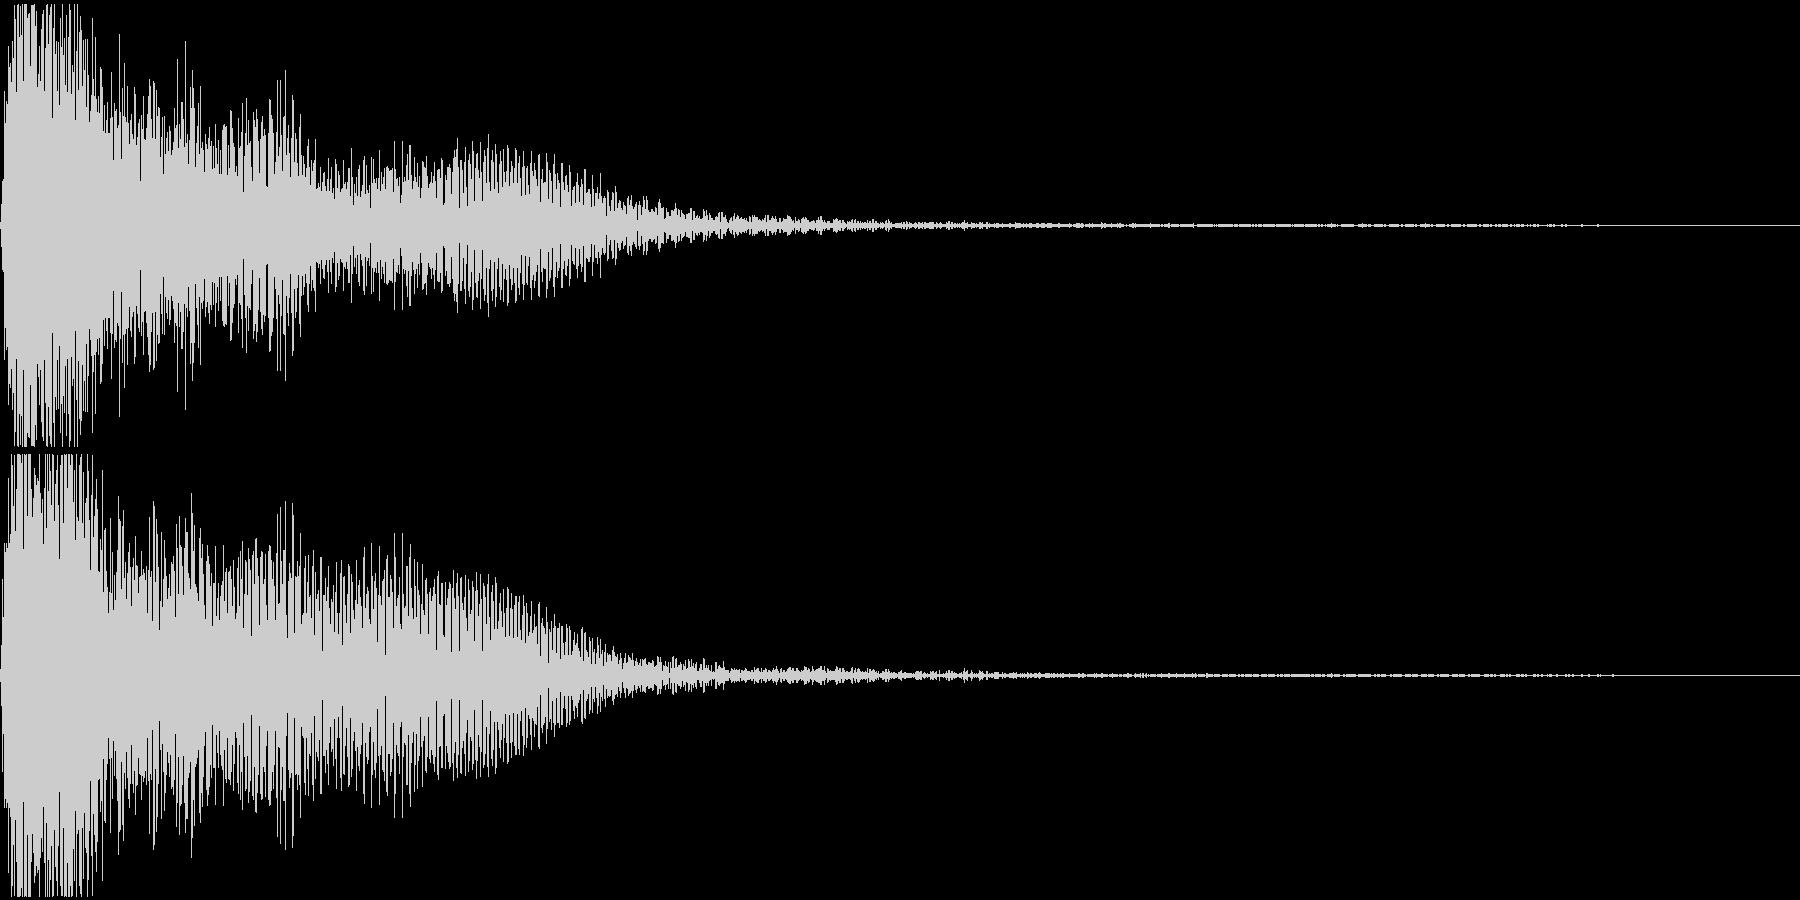 ド♯/レ♭単音のオーケストラルヒットの未再生の波形